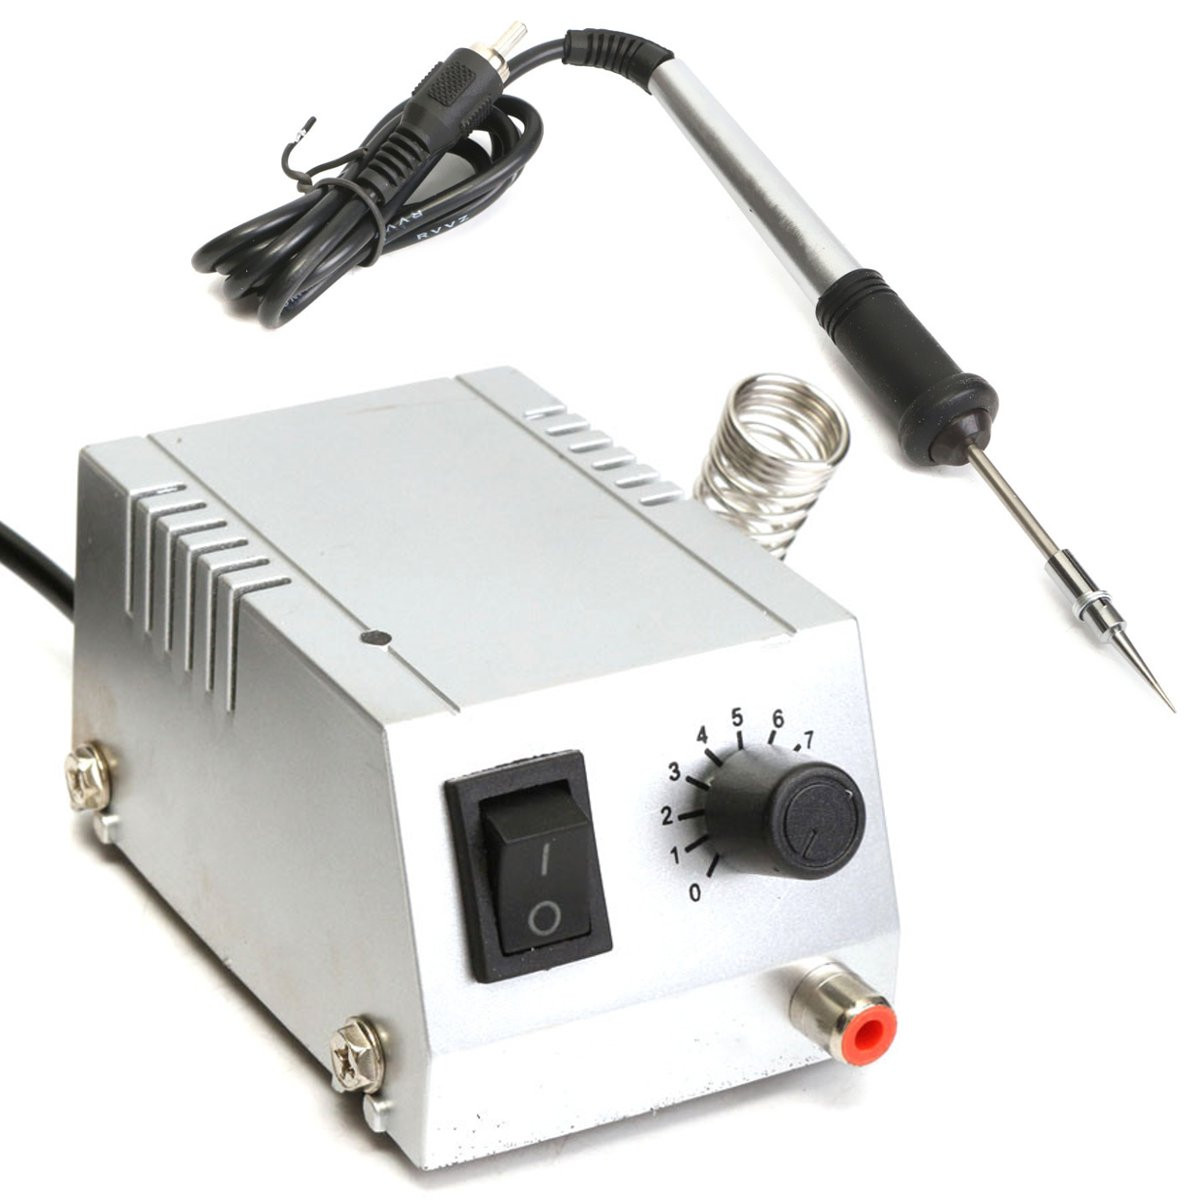 Mini Soldering Station 220V BK-938 Welding Equipment Solder Iron Solder/Tool Best Promotion